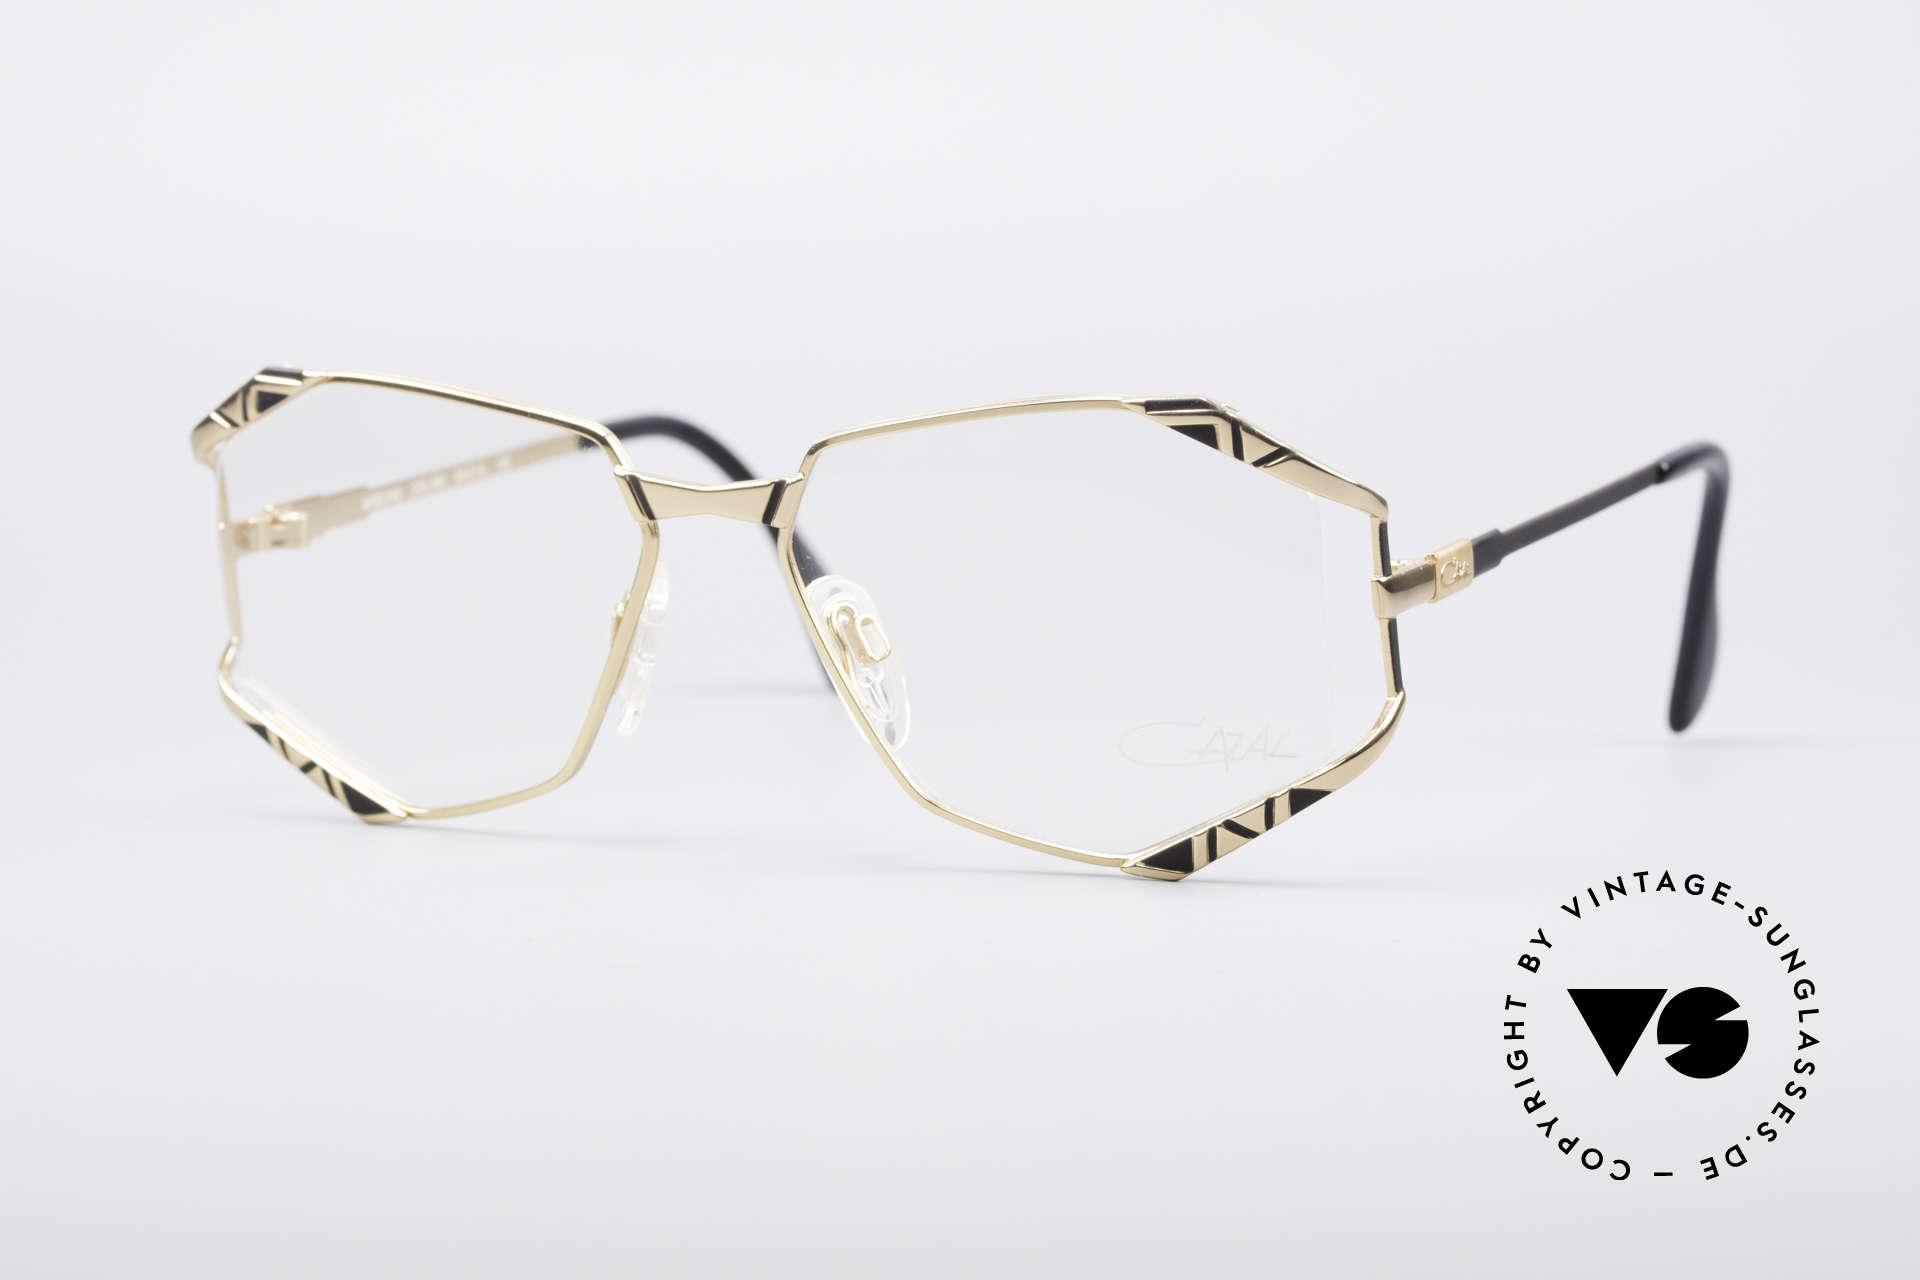 Cazal 245 90er Designer Damenbrille, zauberhaftes Cazal Design aus den 1990er Jahren, Passend für Damen